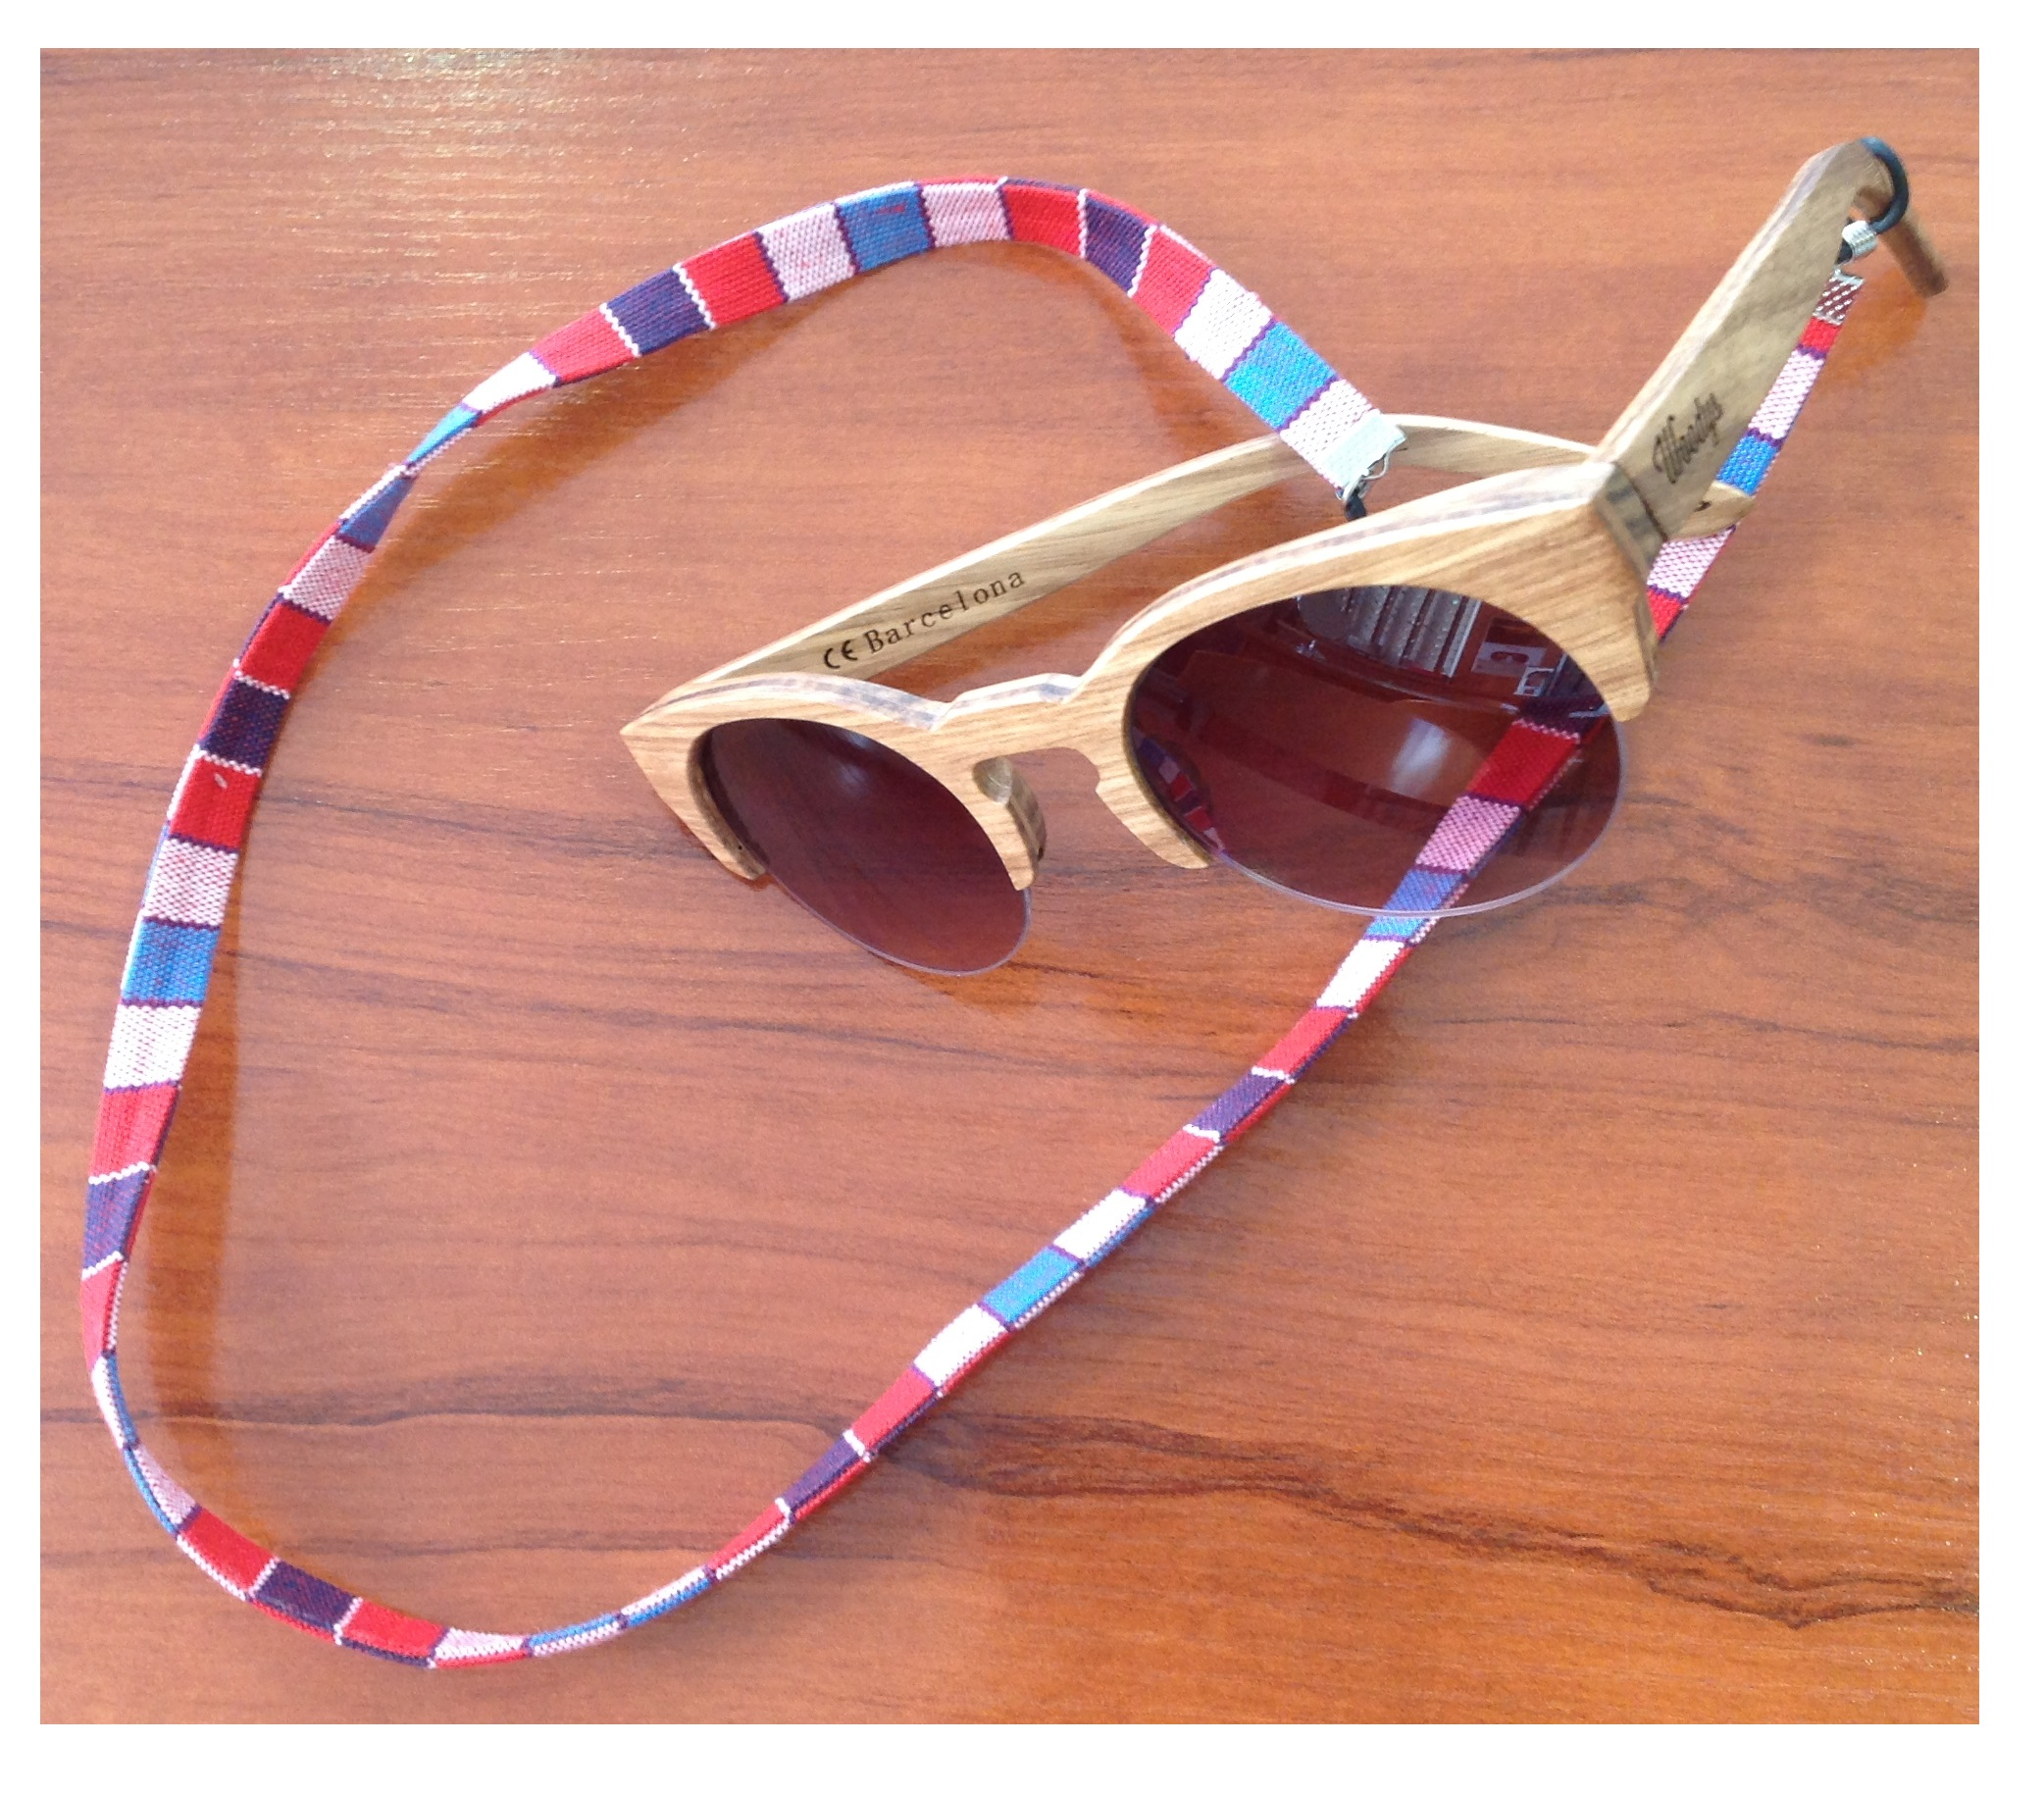 dcfeab5fb3 gafas de sol – Optica Picanya